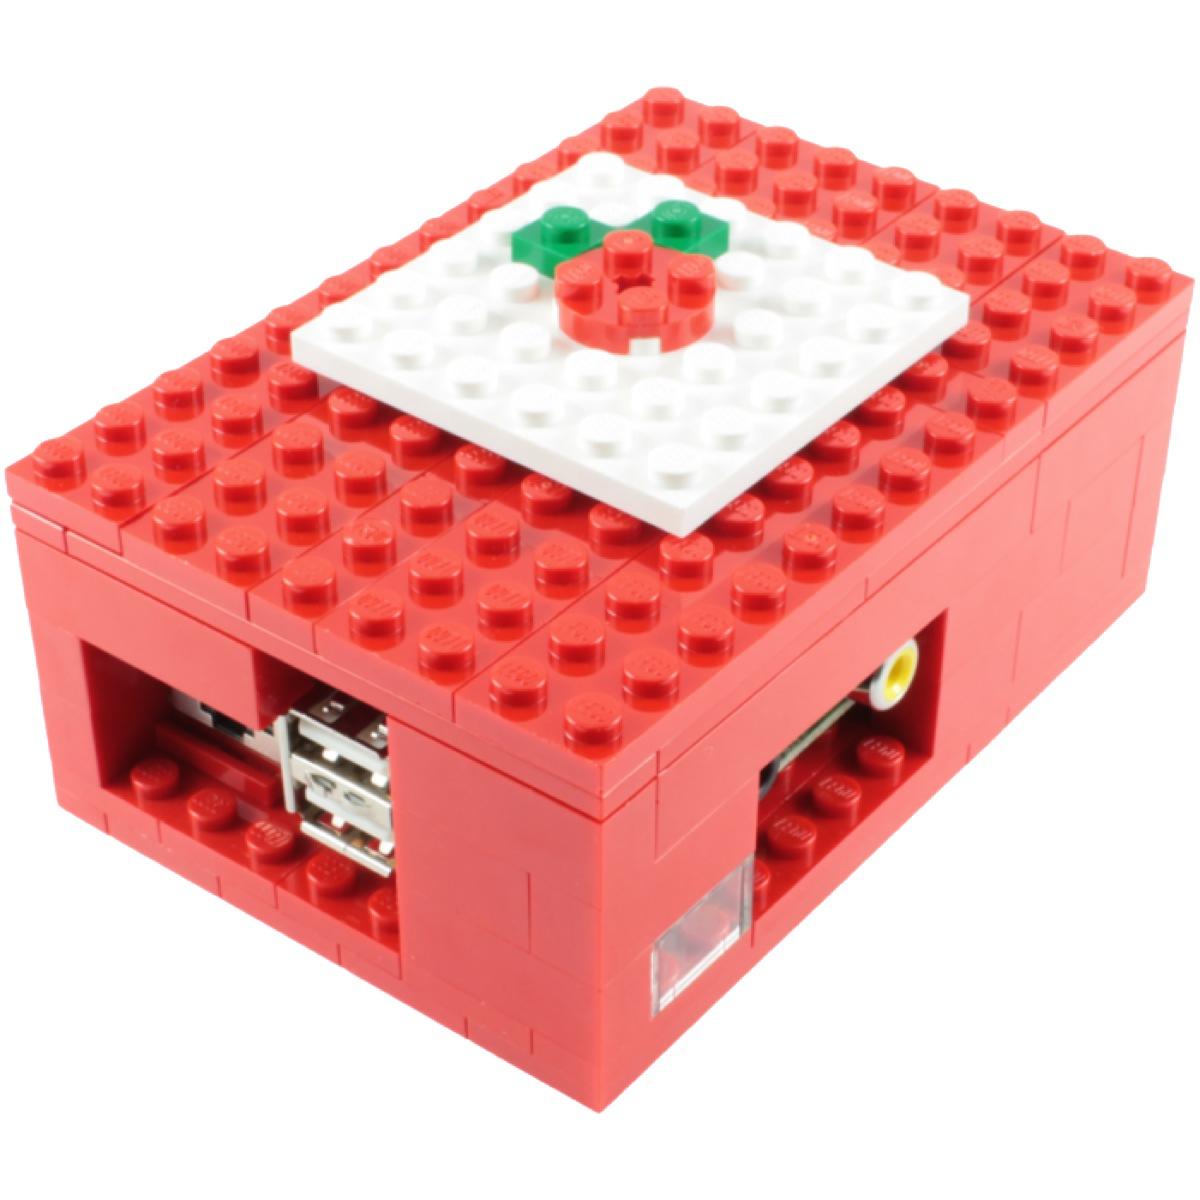 Raspberry-Pi-Lego-Case-1 1 1